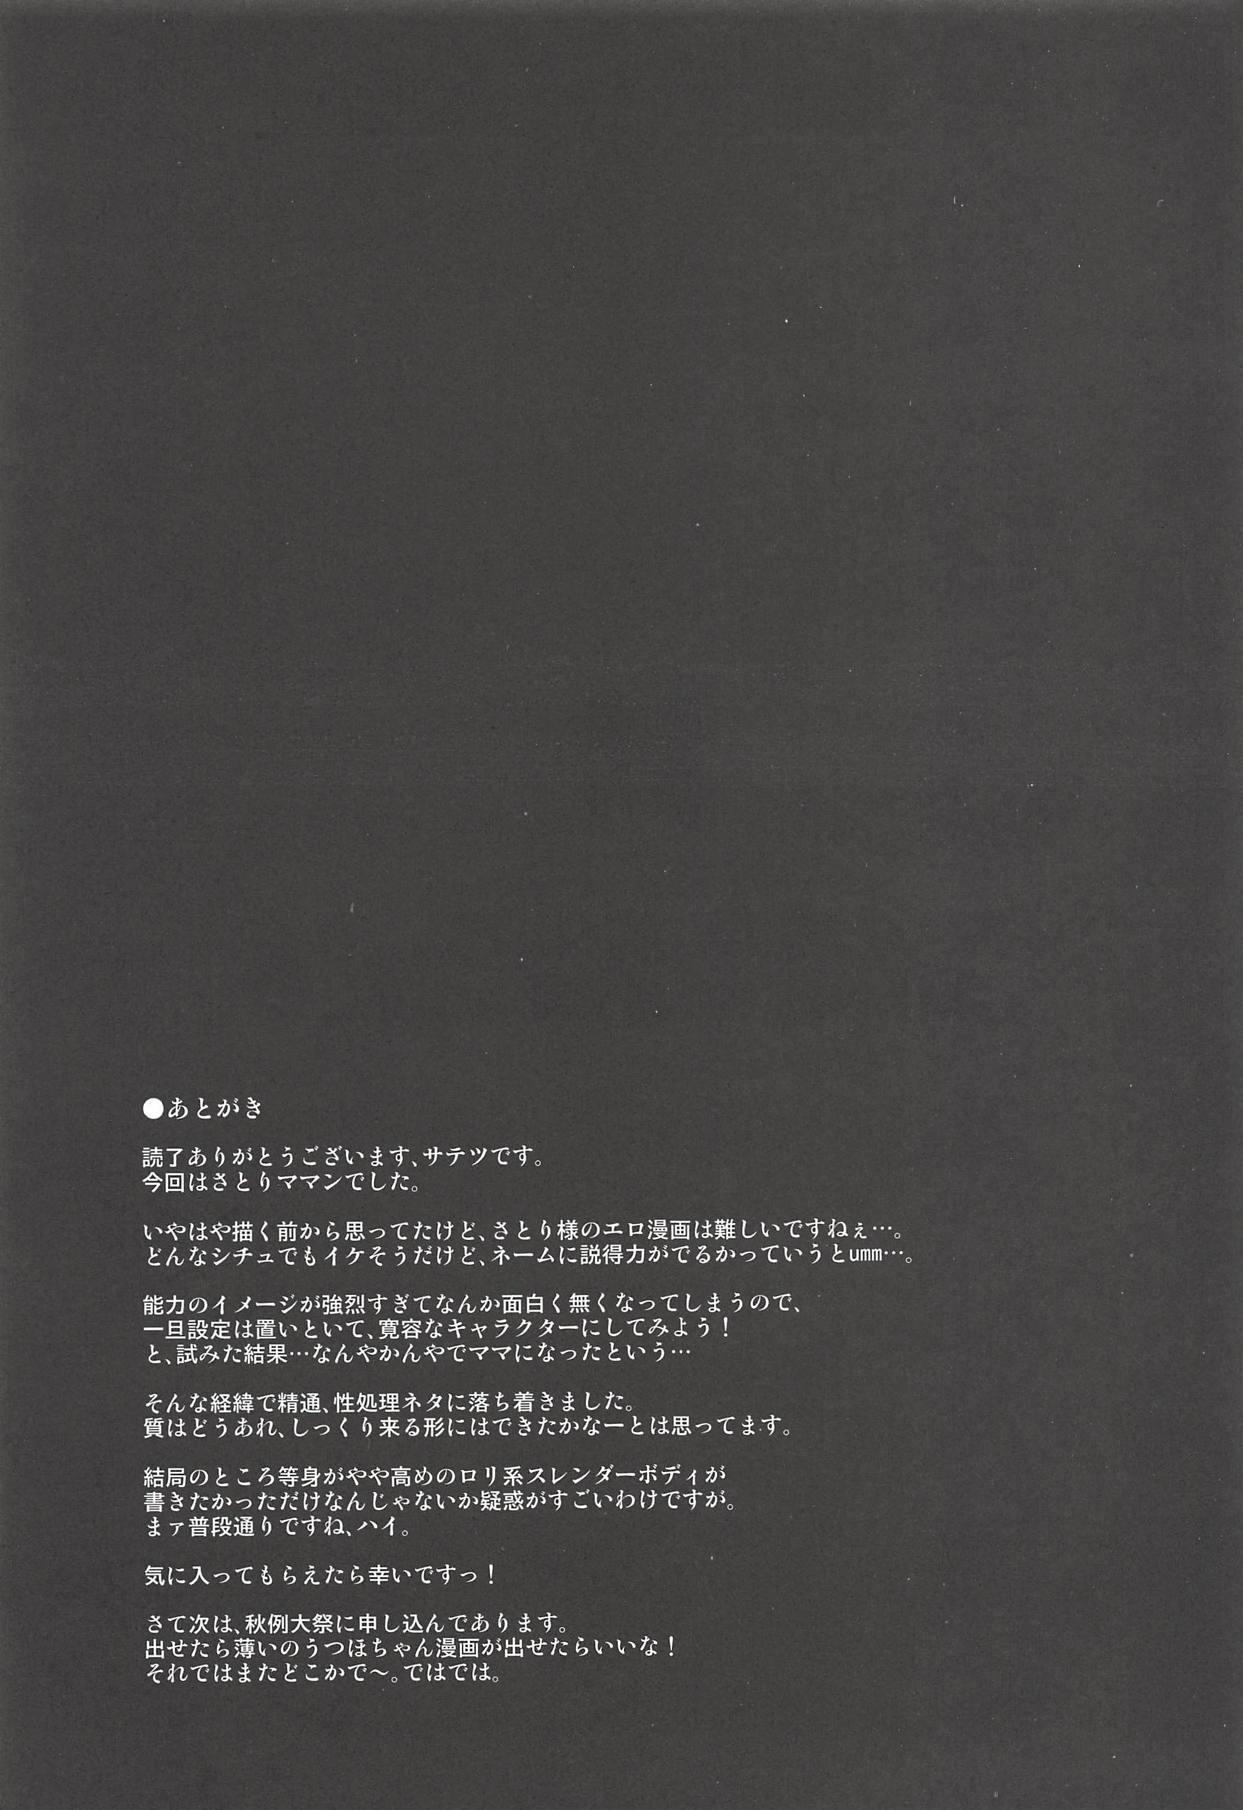 Satori-sama Generation 19